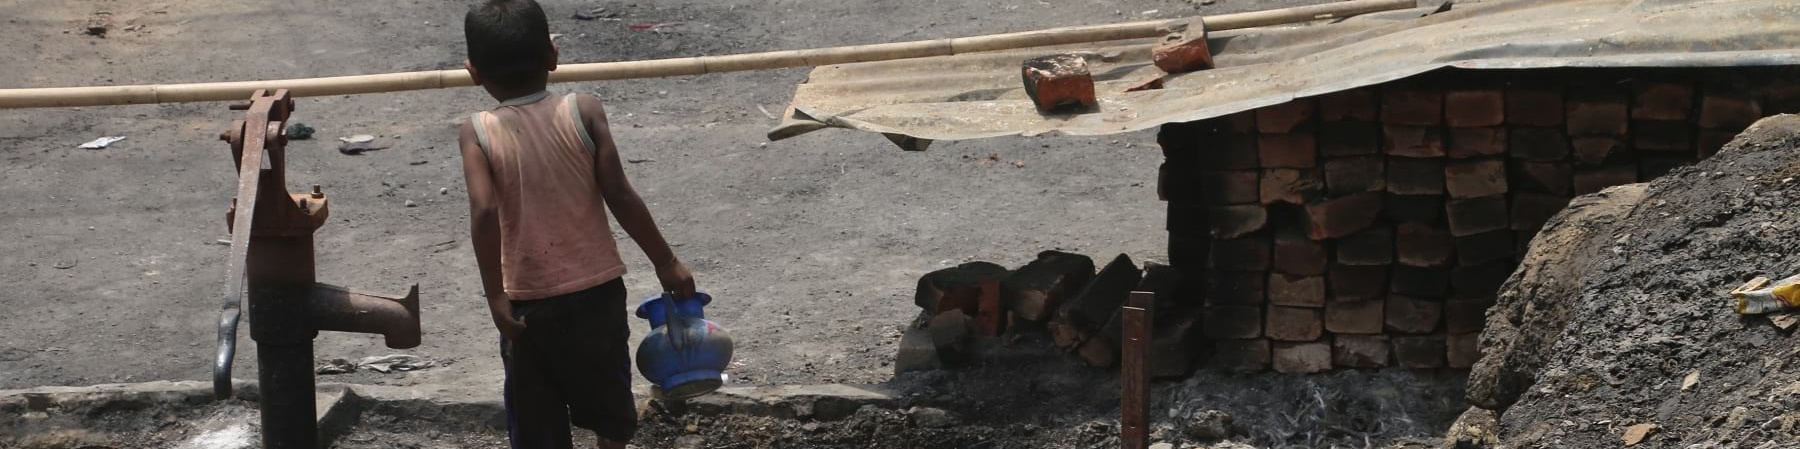 Un bambino di spalle con canottiera rossa e pantaloncini neri cammina a piedi scalzi tra le macerie di un incendio portando in mano un vaso